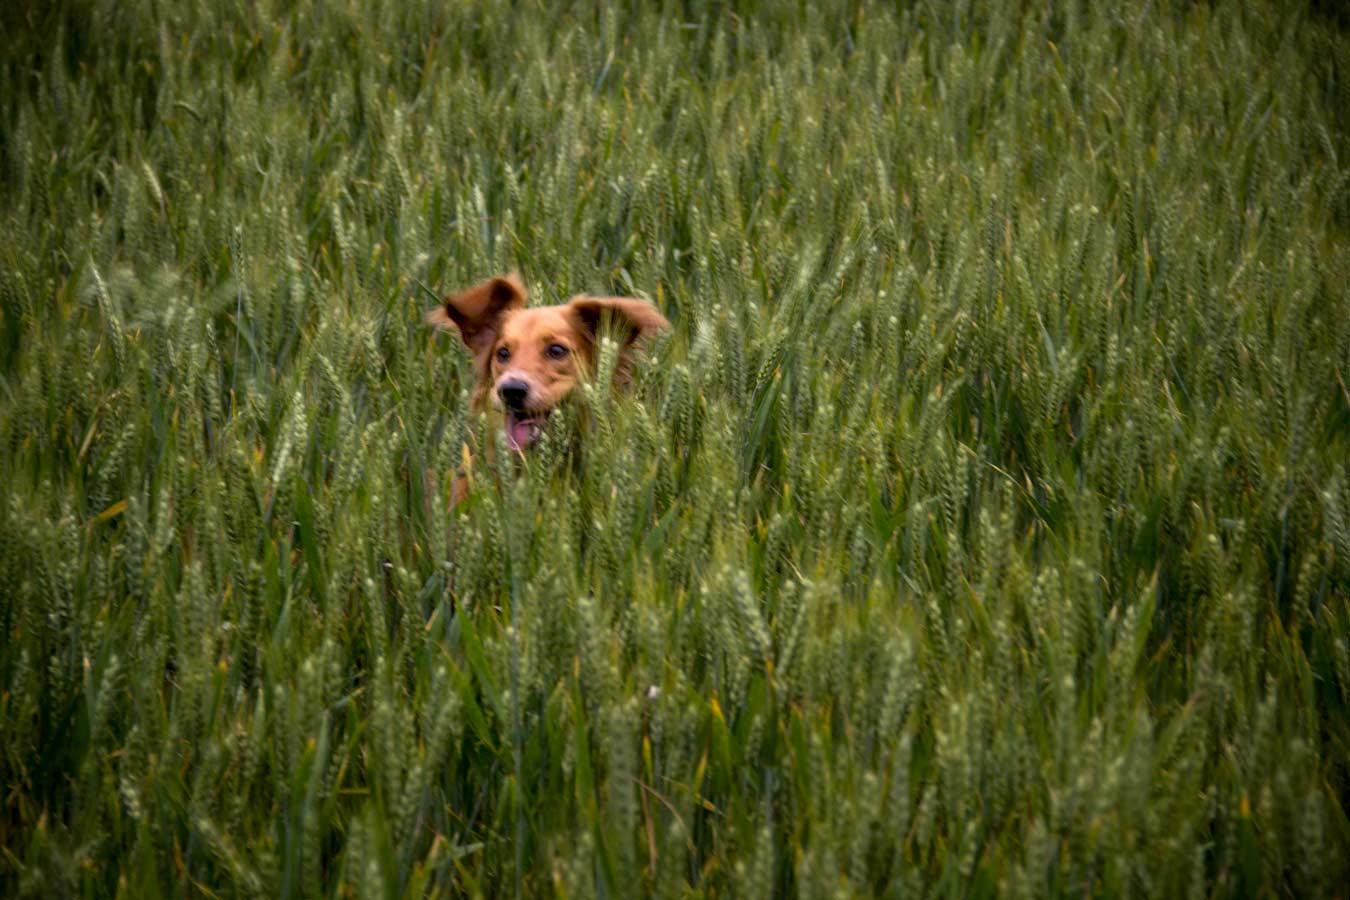 gos corrent per un camp de blat